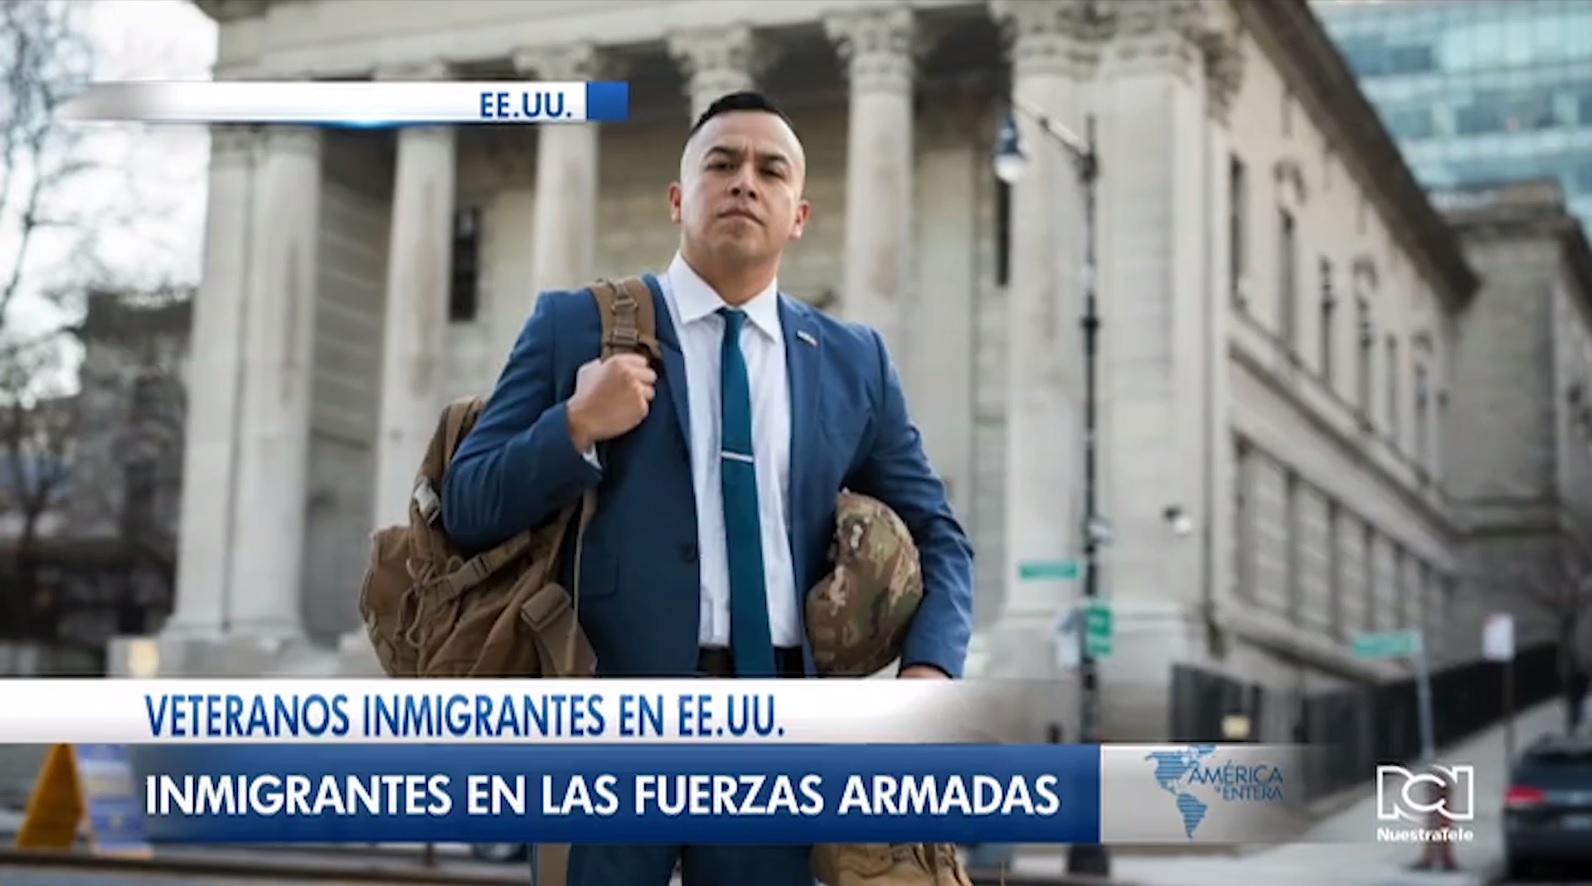 Veteranos migrantes reclaman su naturalización por haber servicio a las fuerzas militares de EE. UU.